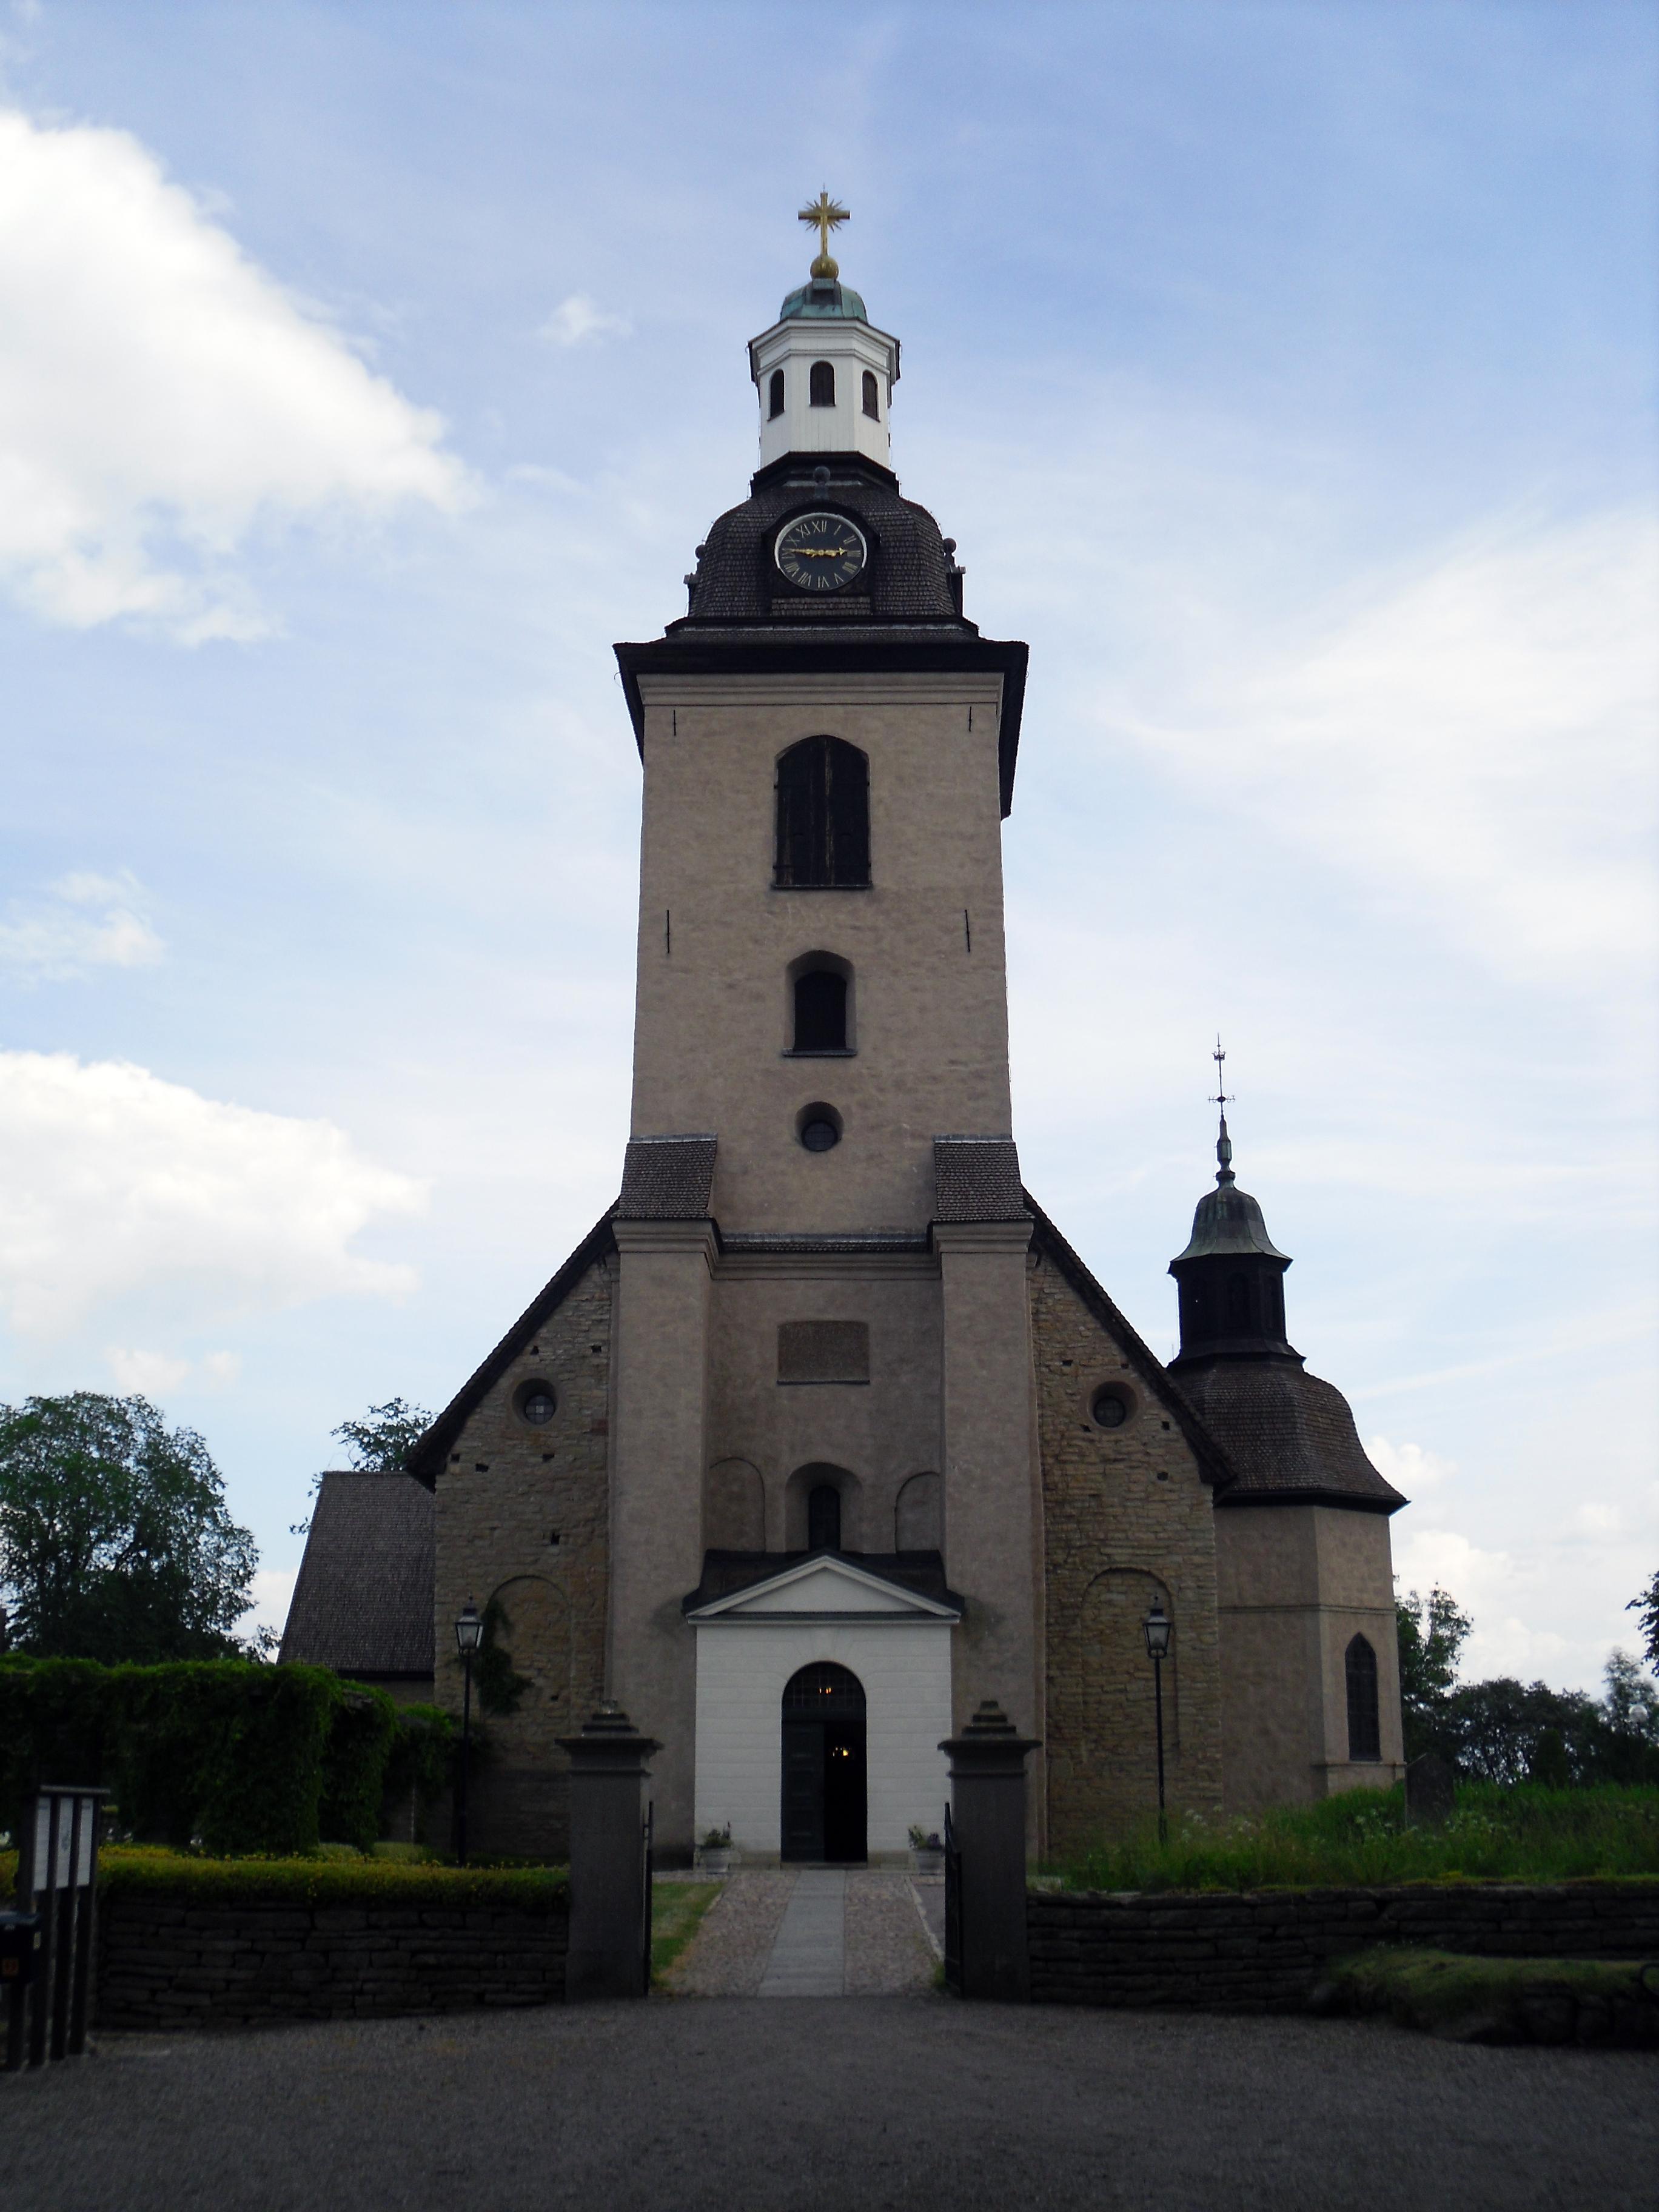 Vreta Klosters kyrka (Vreta Kloster) - Vreta Kloster, Sweden